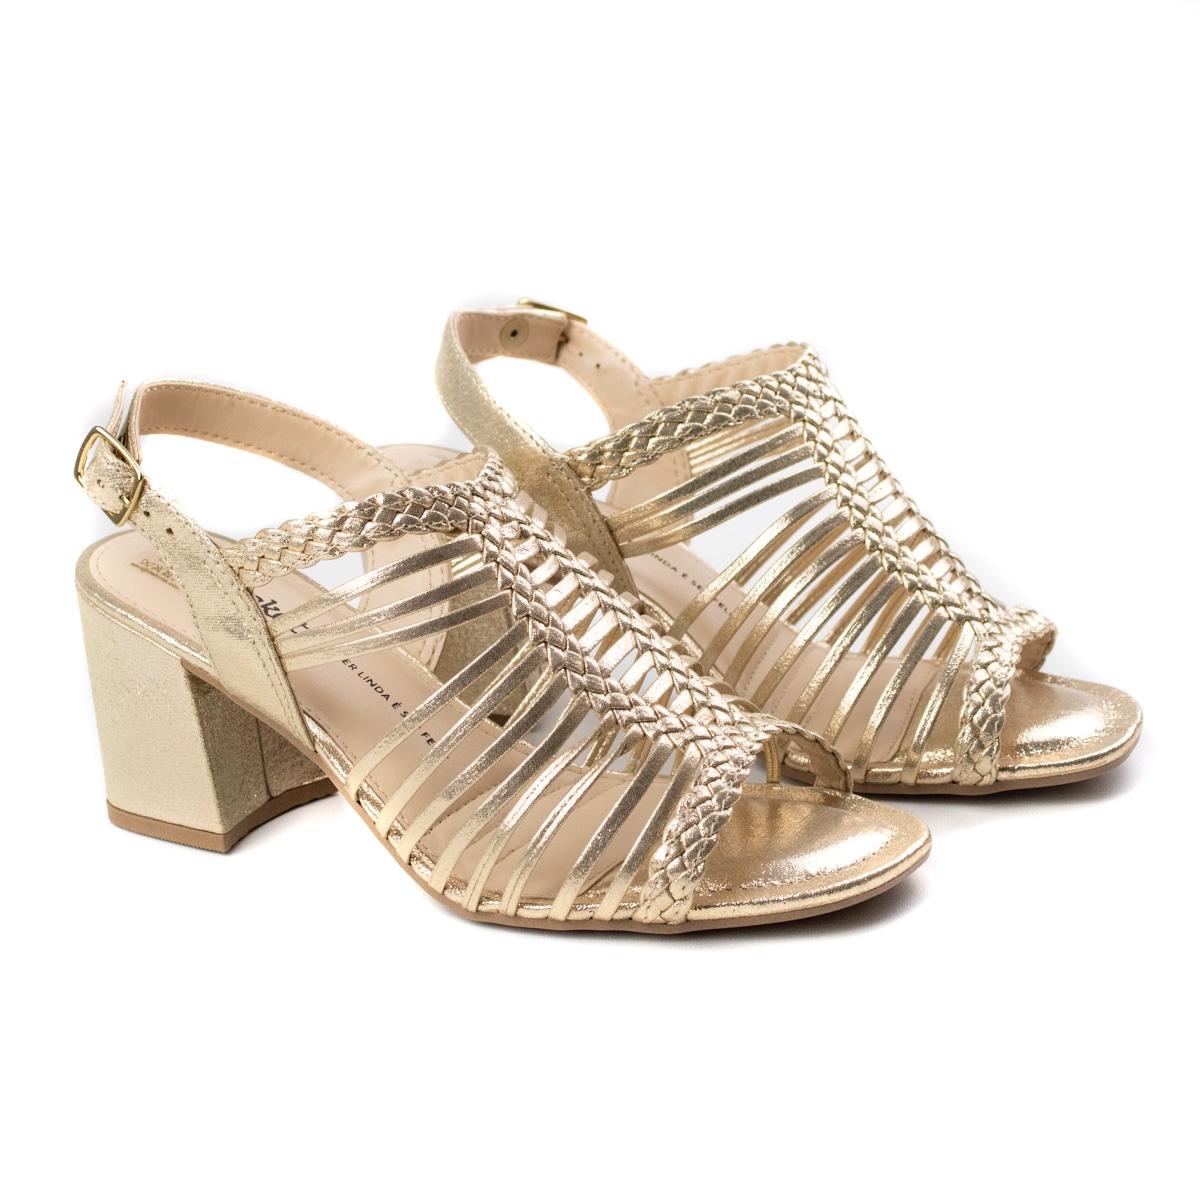 Sandália Salto Gladiadora Feminino Dakota - Champagne